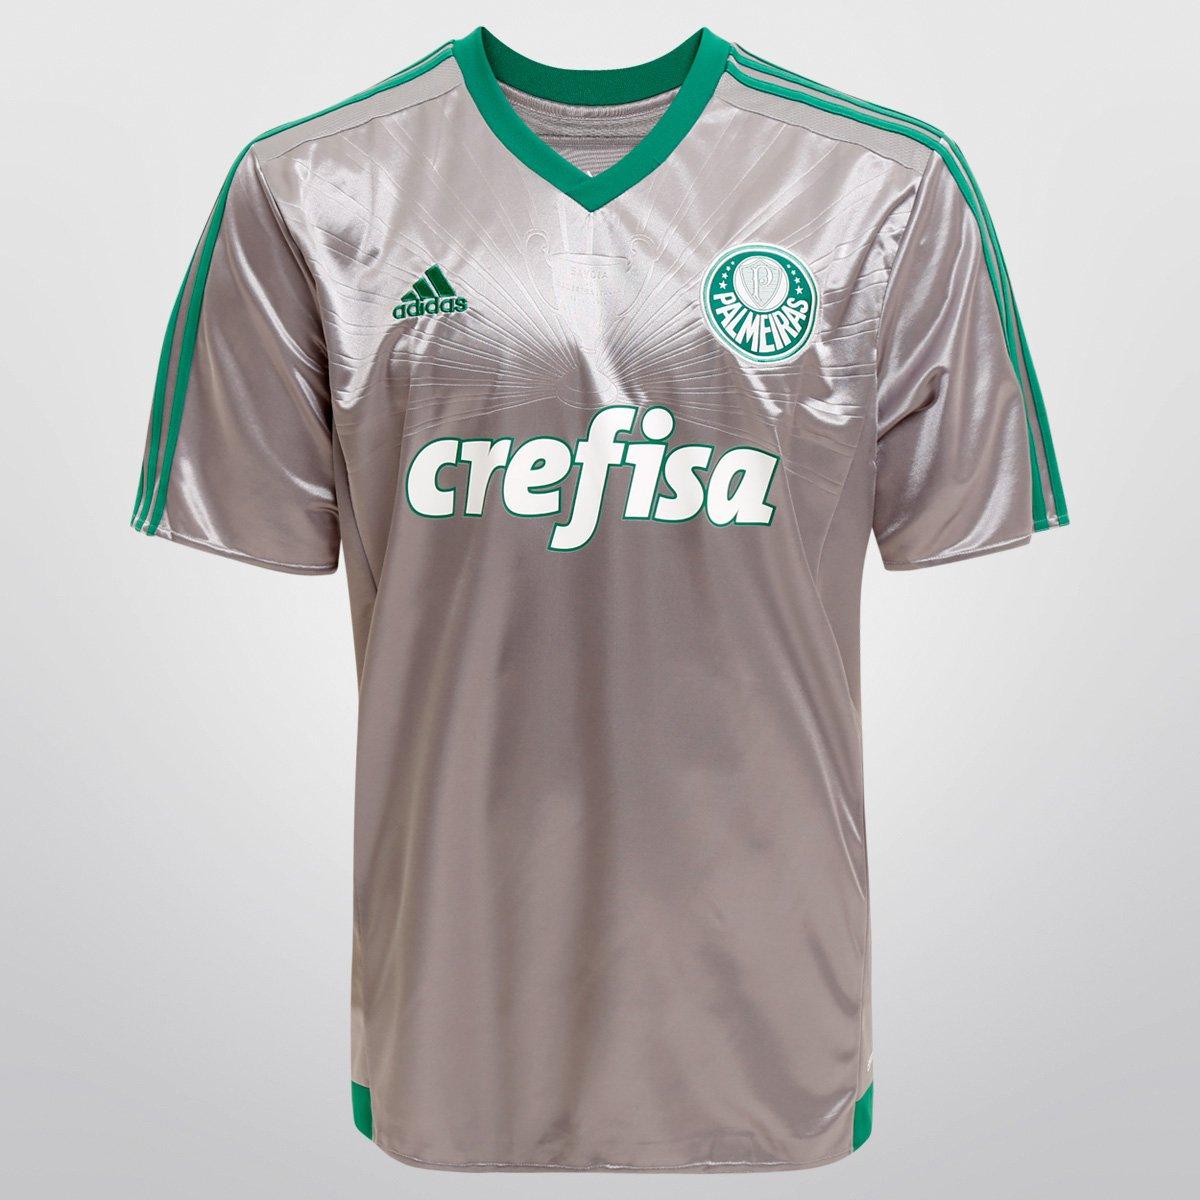 b950b9c0aa939 Camisa Palmeiras III 15 16 s nº Torcedor Adidas Masculina - Compre Agora